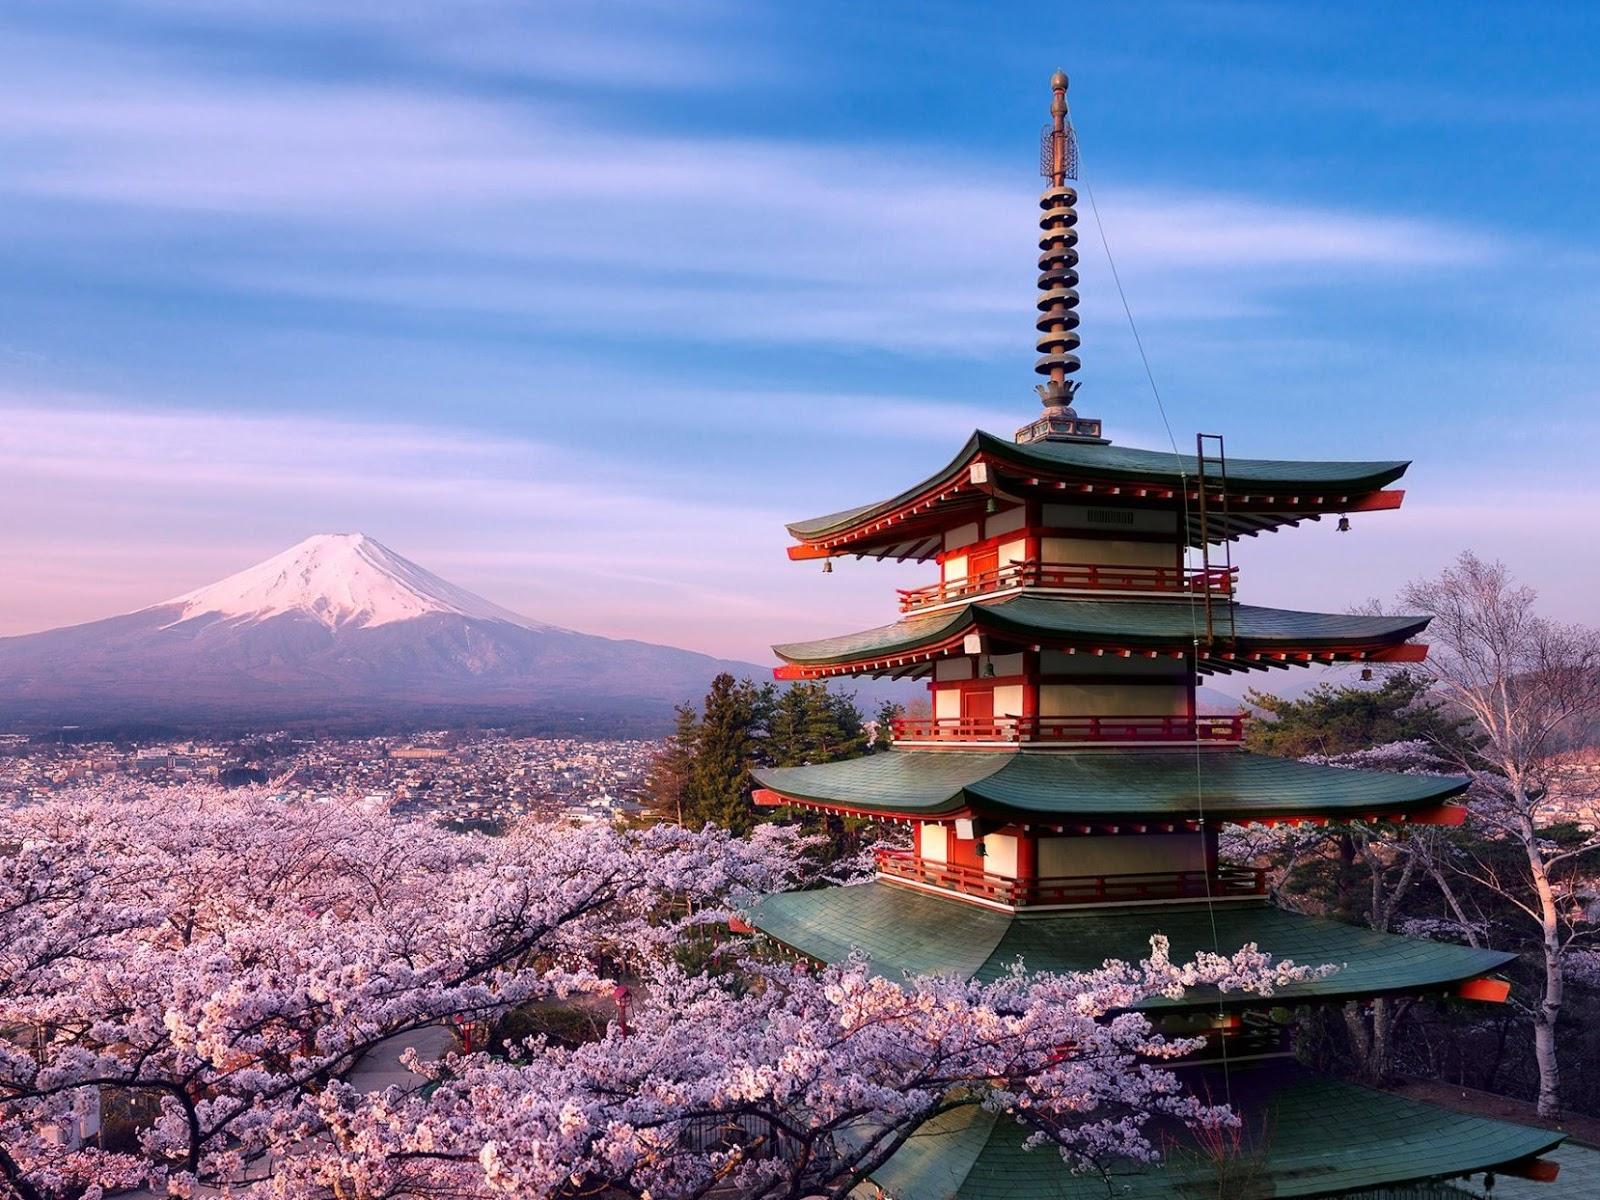 Clima Piante e Paesaggi del Giappone  Il Gusto Della Natura